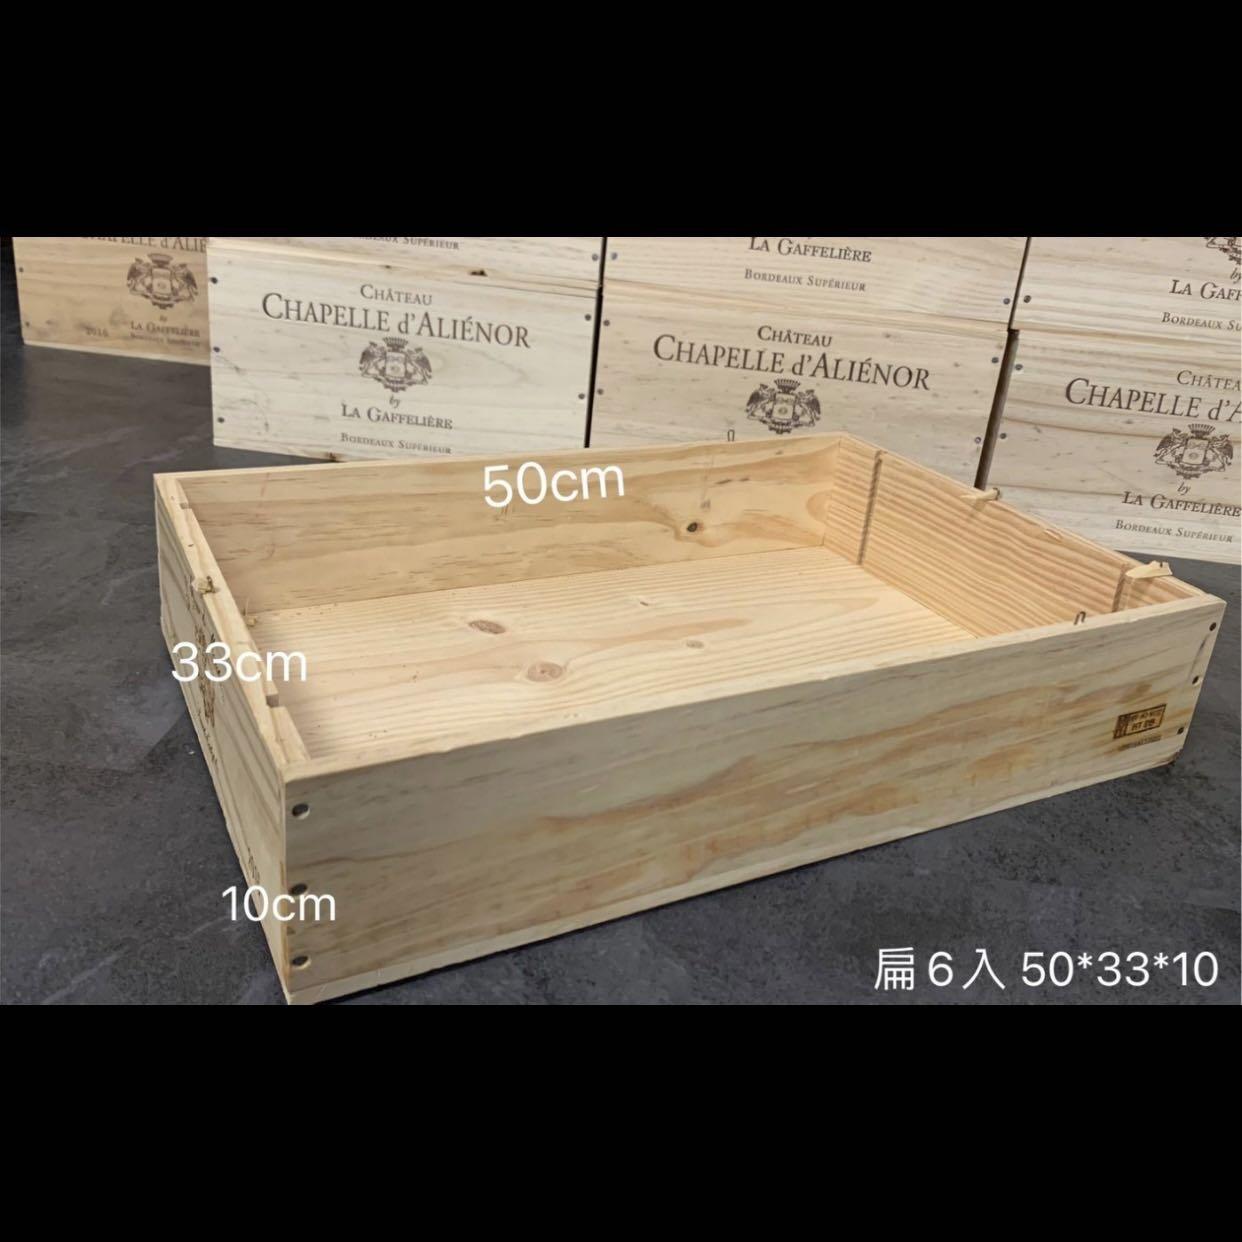 扁六入二手木箱 葡萄酒木箱 紅酒箱 木箱 裝飾 收納箱